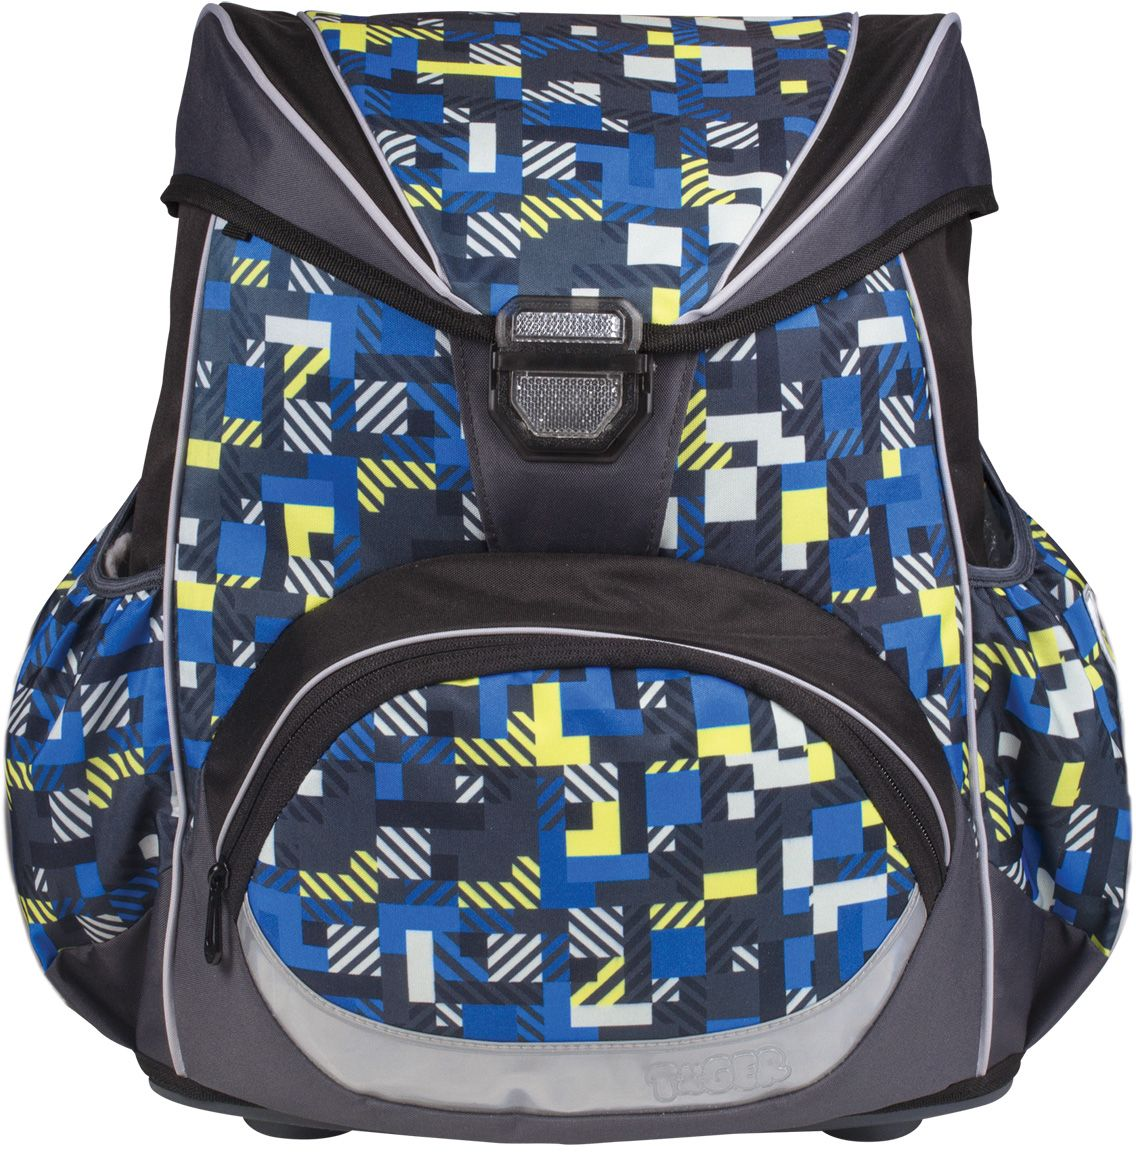 Tiger Enterprise Ранец школьный МатрицаWOT-SW-B6Удобный, как ранец, и легкий, как рюкзак! Вес этого рюкзака - всего 660 грамм, а все благодаря усовершенствованной облегченной конструкции и современным материалам. Жесткая спинка и усиленное дно обеспечивают комфортное ношение без утяжеления.Светоотражающие элементы с четырех сторон делают школьника более заметным на дороге даже в темное время суток. Устойчивое дно из облегченного пластика защищает учебники и тетради от намокания. В боковые карманы отлично помещается бутылочка с водой. Качественный водоотталкивающий материал не позволяет грязи въедаться, поэтому рюкзак легко чистить влажной тряпочкой.Все материалы и красители проверены на отсутствие вредных веществ и аллергенов в соответствии с европейским стандартом качества и безопасности.